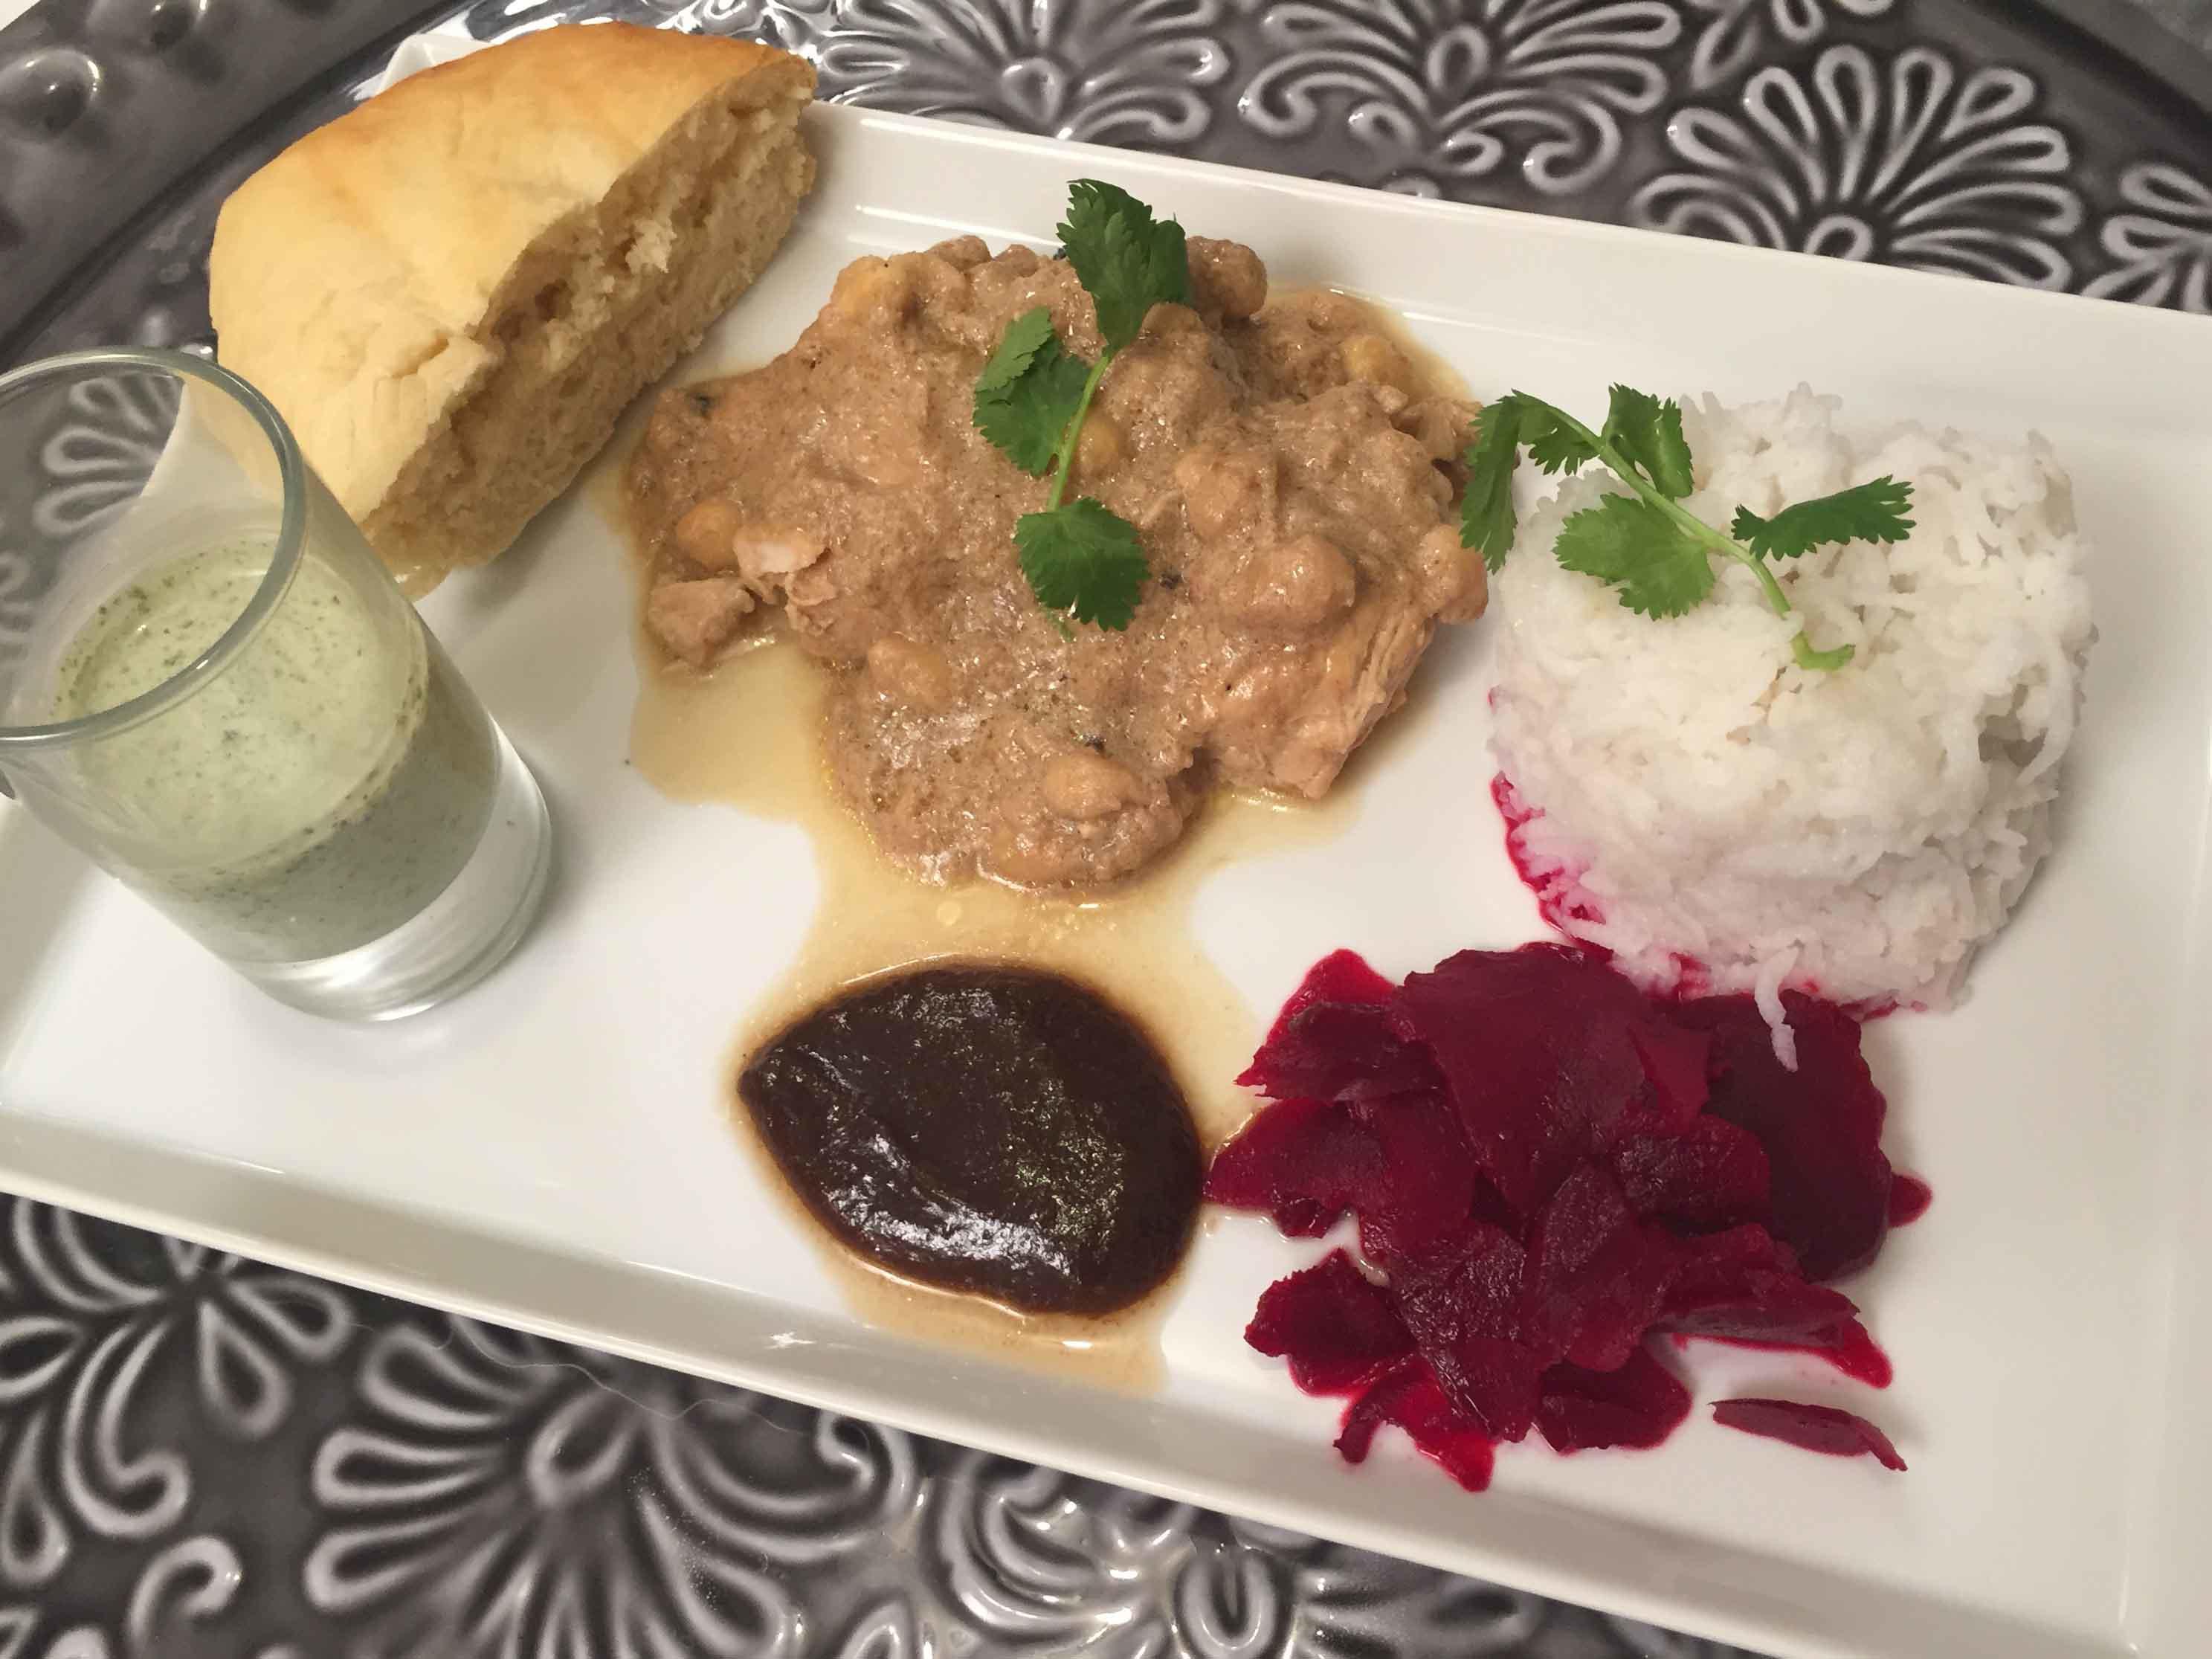 Badami Murgh Korma mit Rote-Bete-Carpaccio, dazu duftender Basmati-Reis und heißes Naan - Rezept Gesendet von Das perfekte Dinner